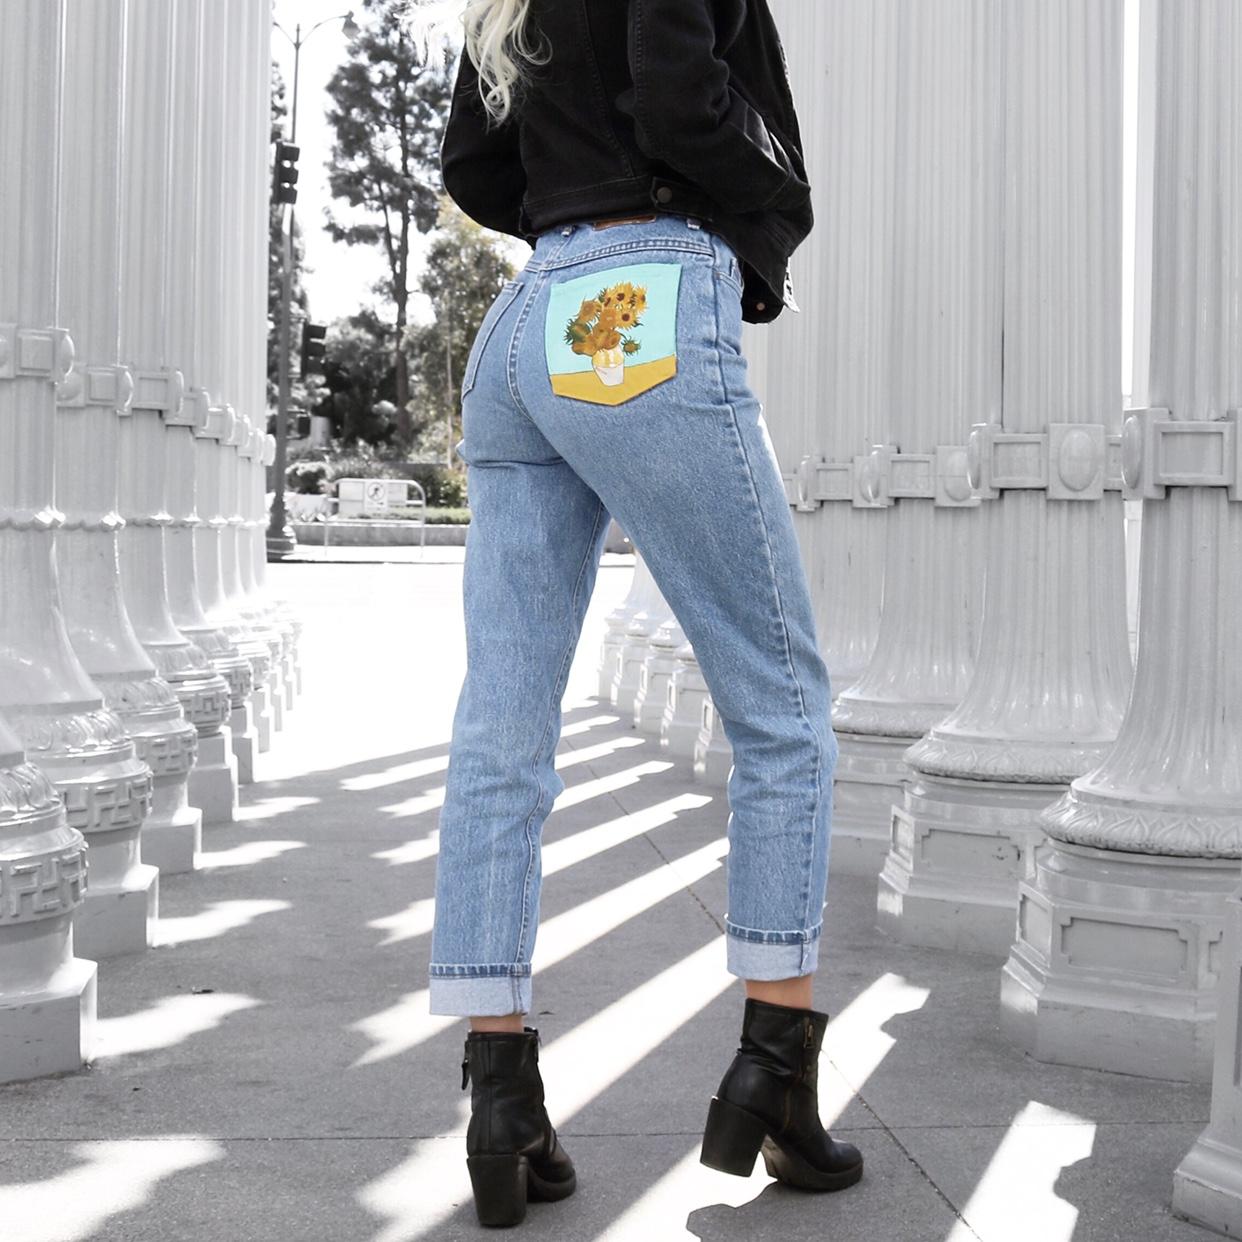 Thrifted – Kessler Ramirez